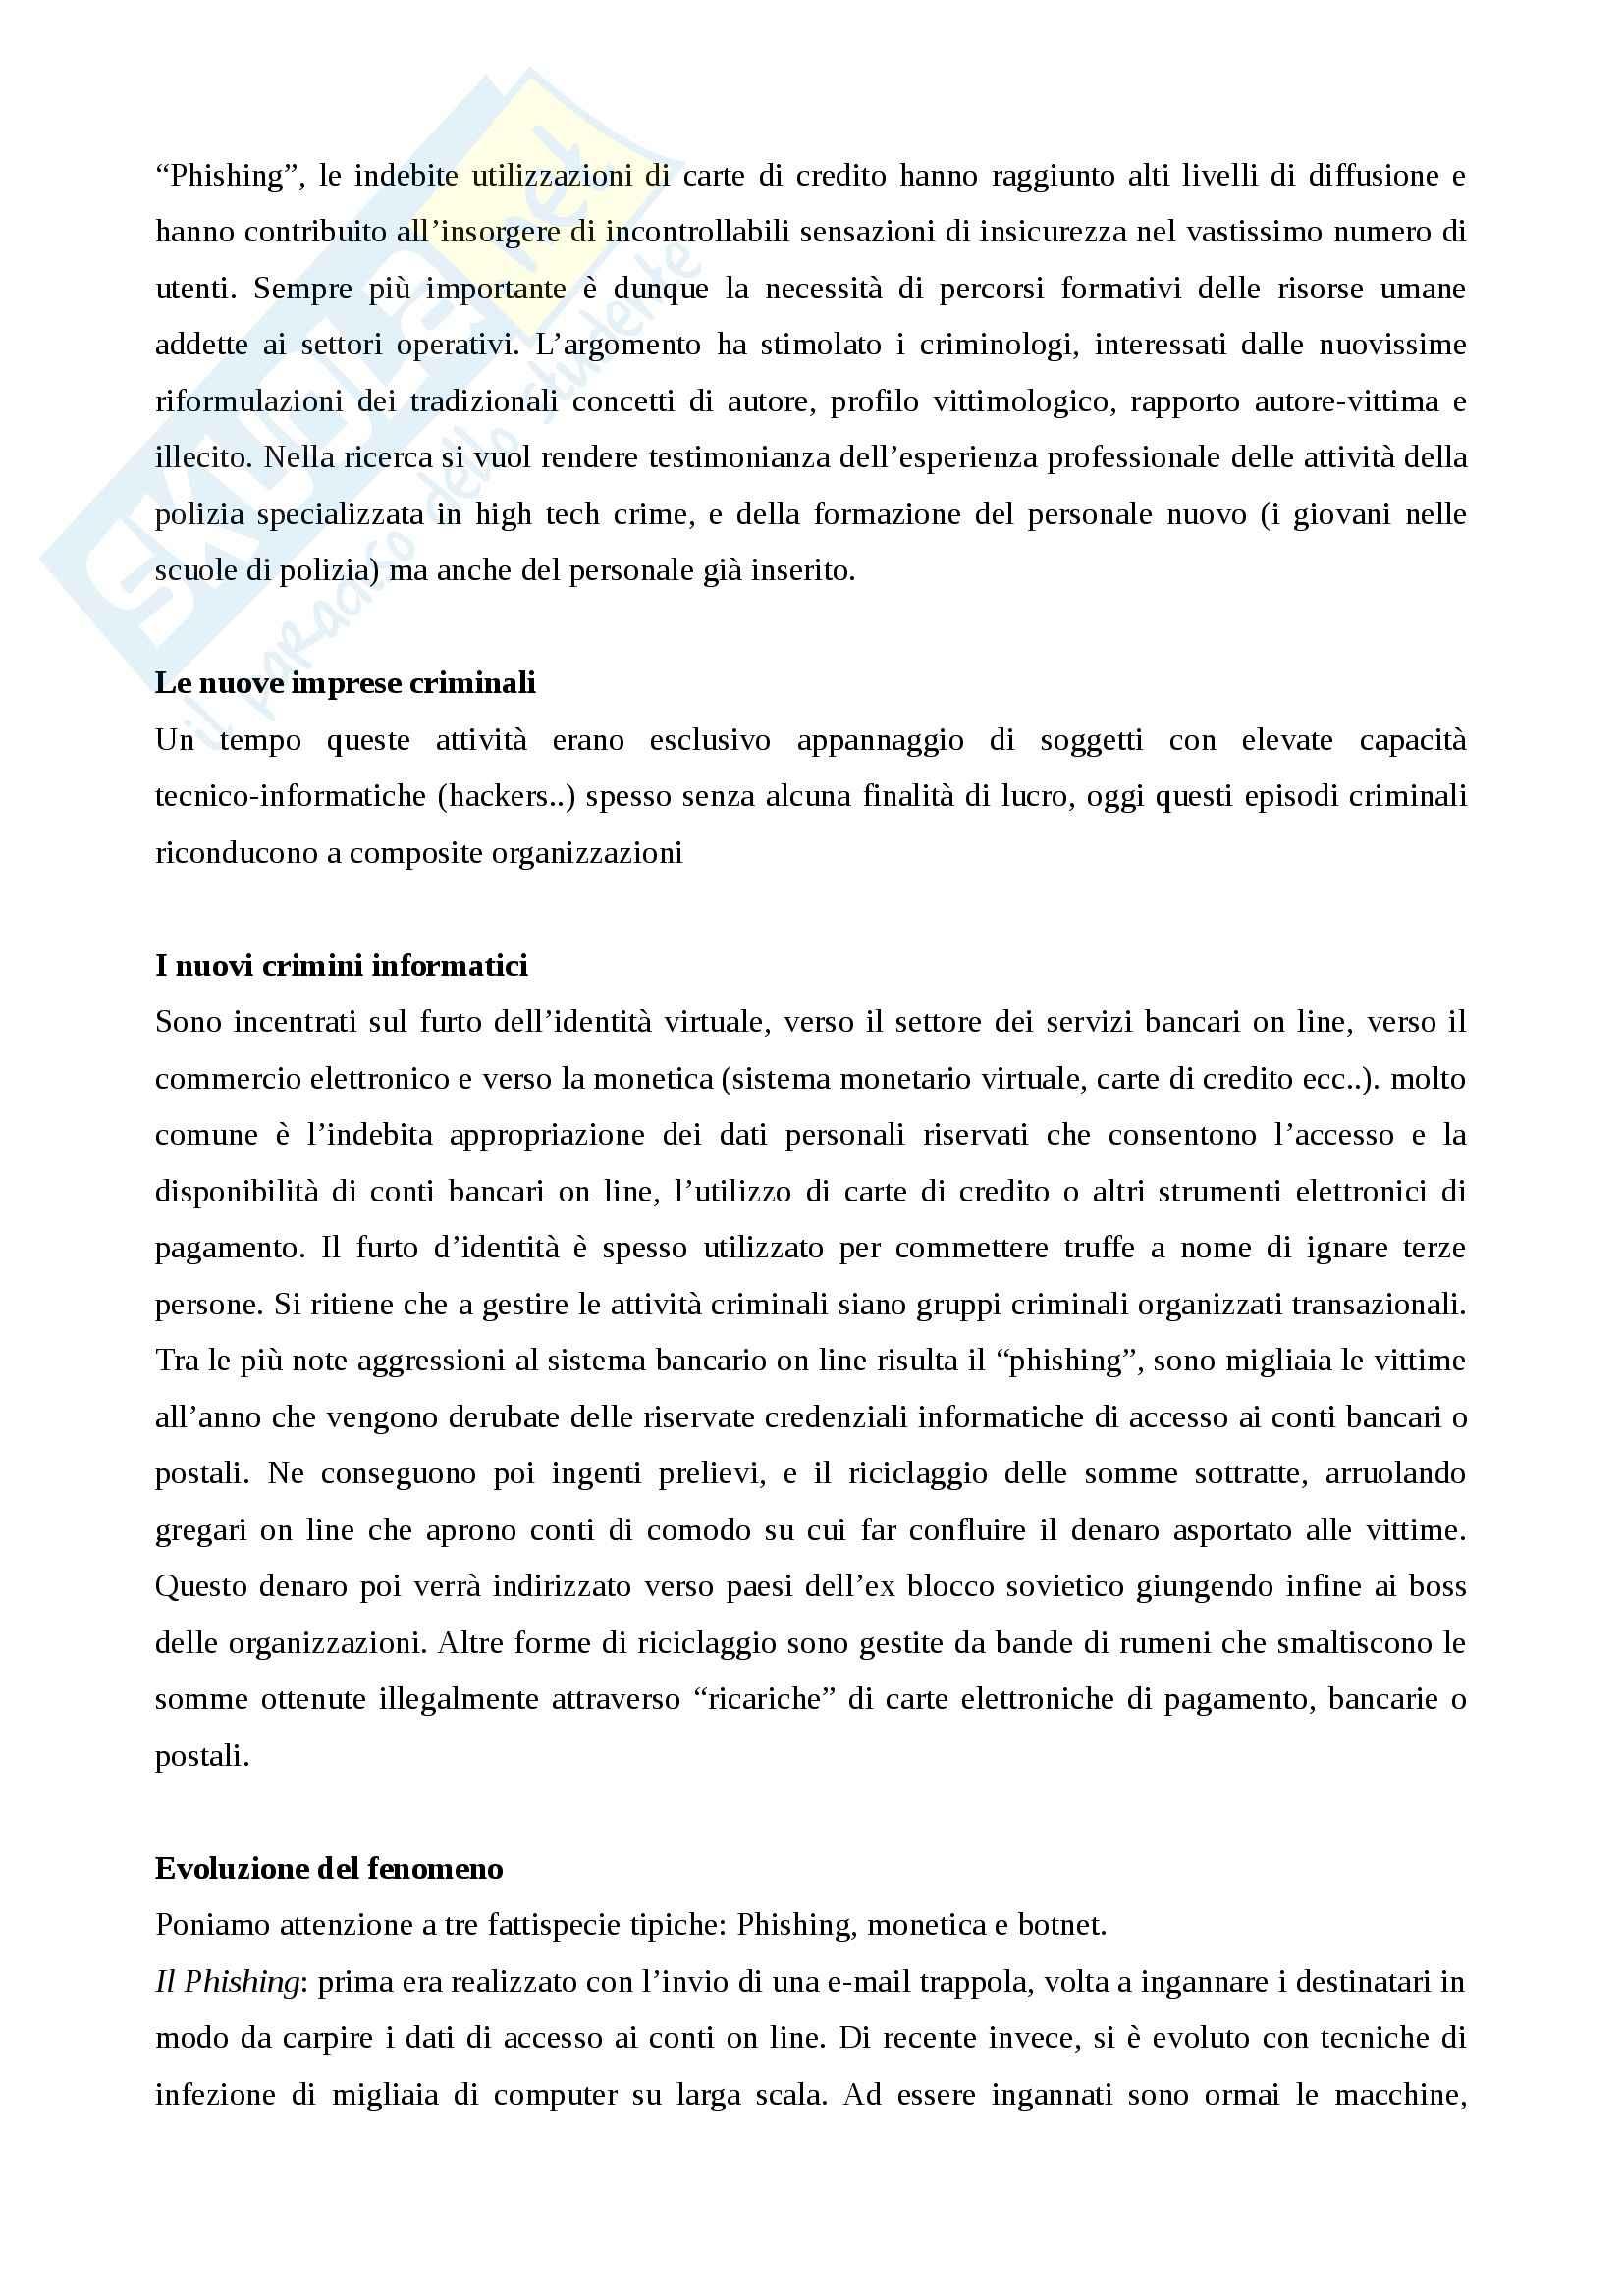 Riassunto esame Criminologia applicata, Criminologia e vittimologia Metodologia e strategie operative, Sette, prof. Bisi Pag. 51